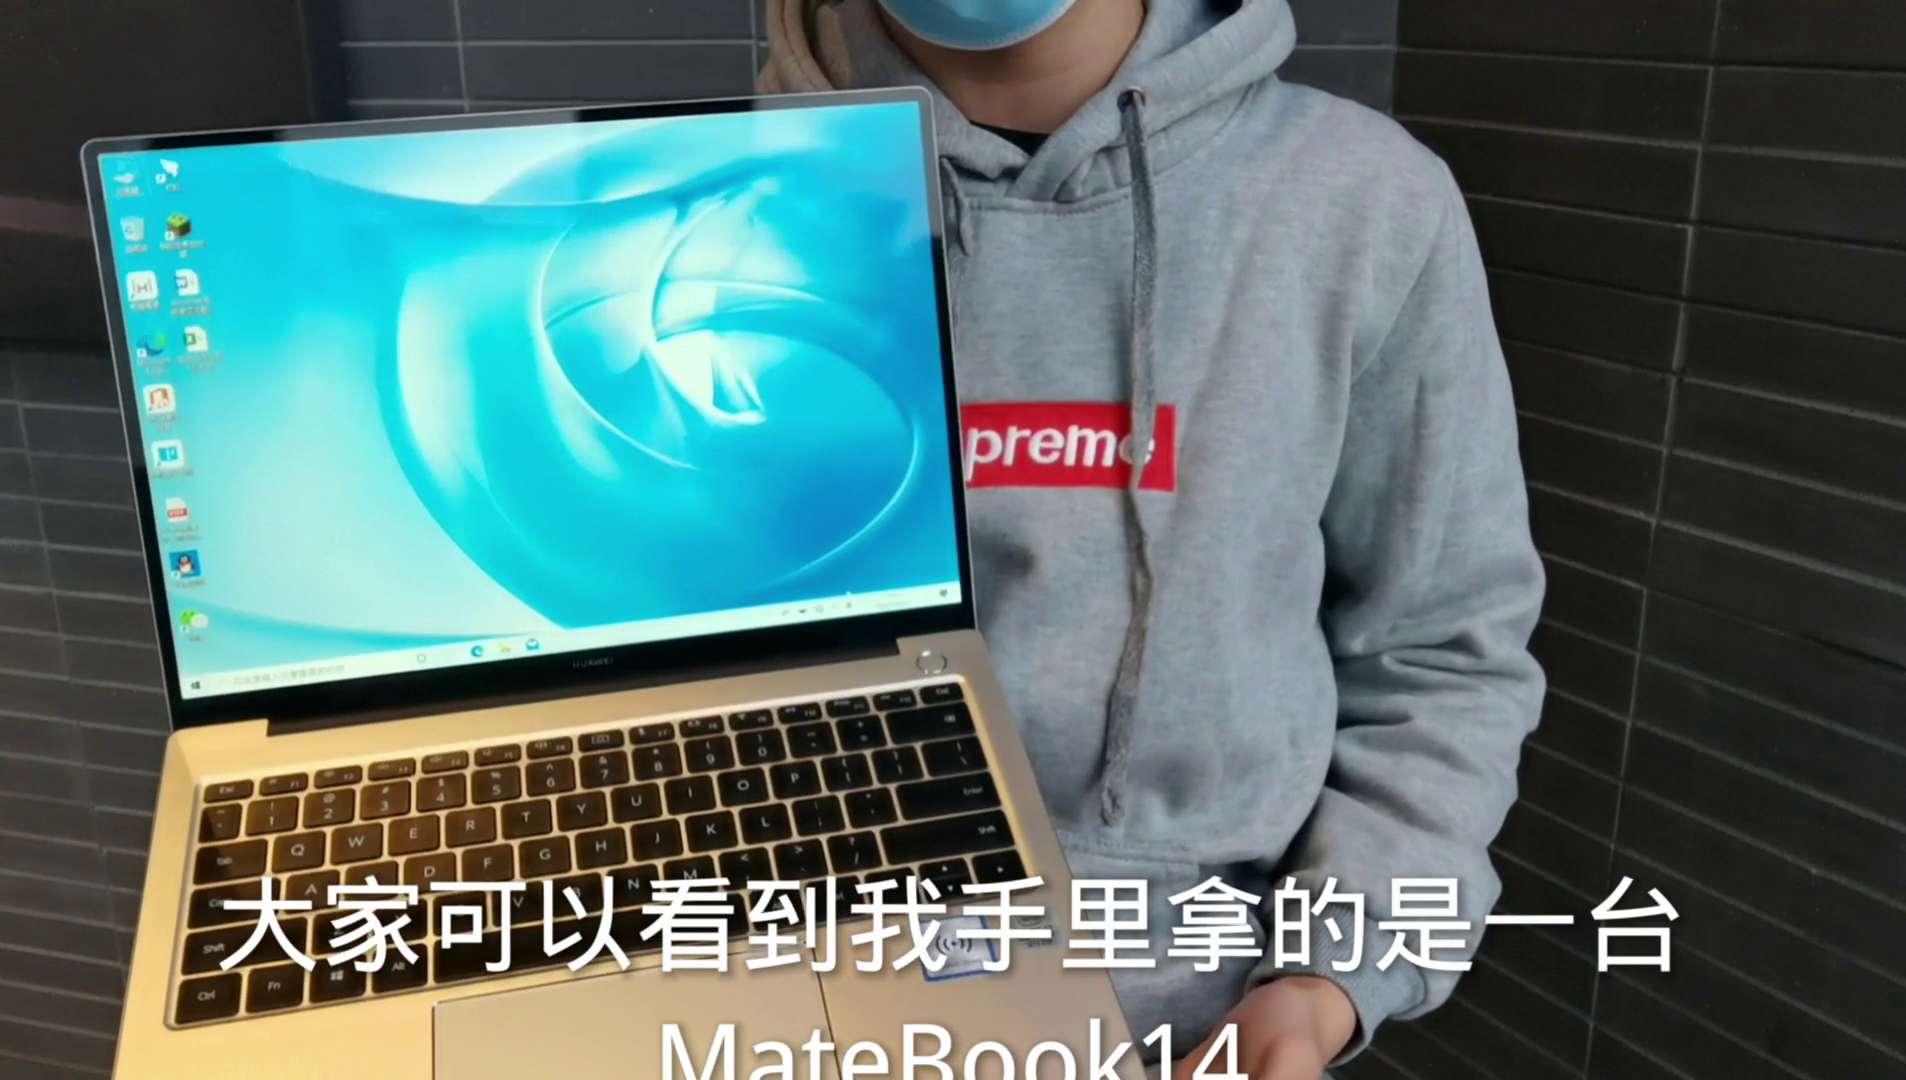 """【MateBook】华为MateBook14""""冷门评测"""",MateBook 13/14系列-花粉俱乐部"""